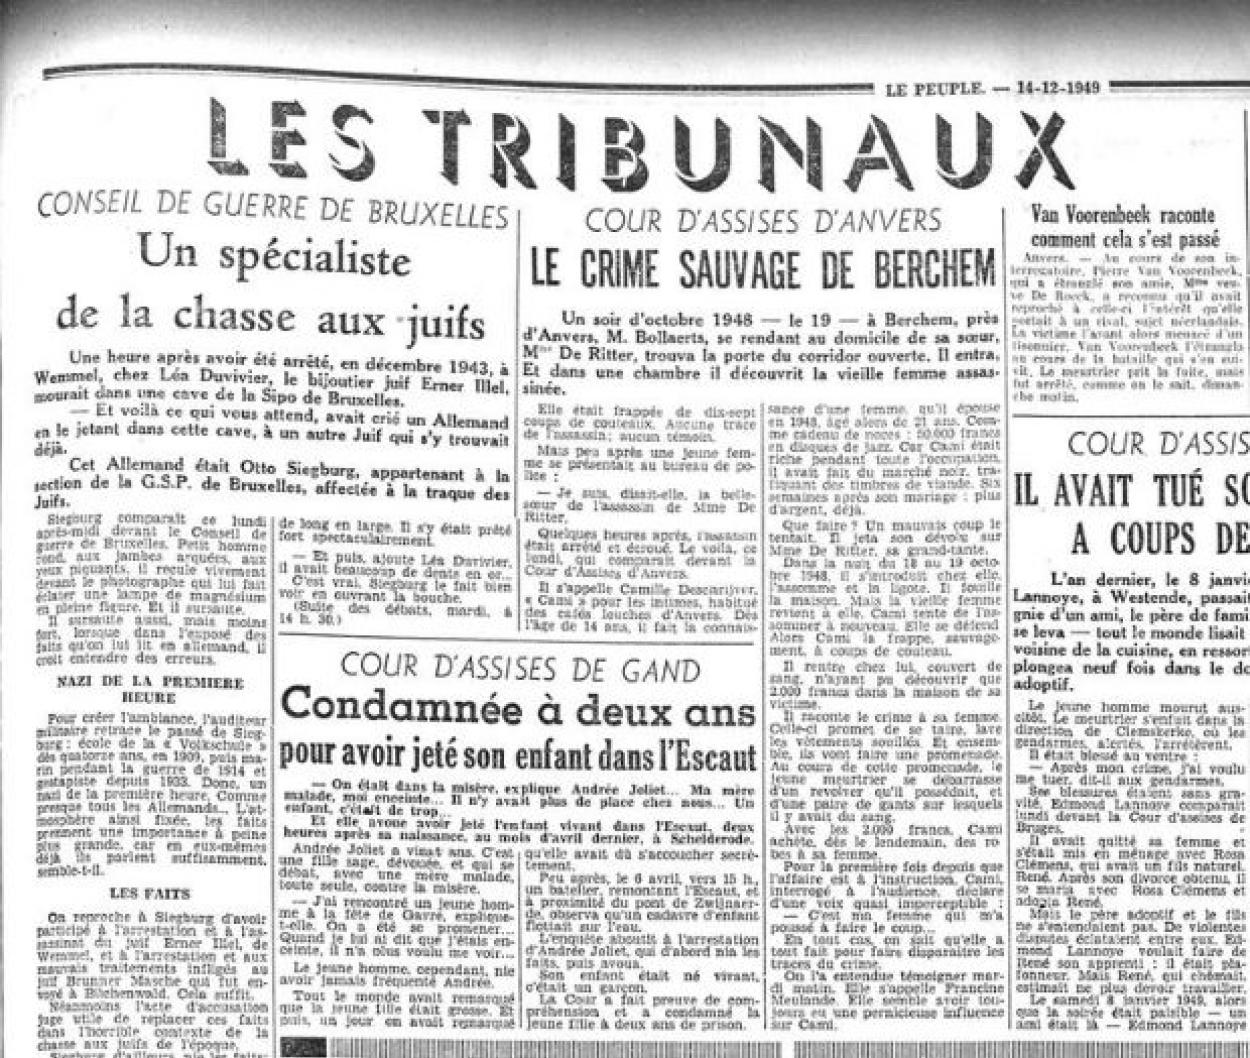 le-peuple-14-12-1949-p-5.jpg